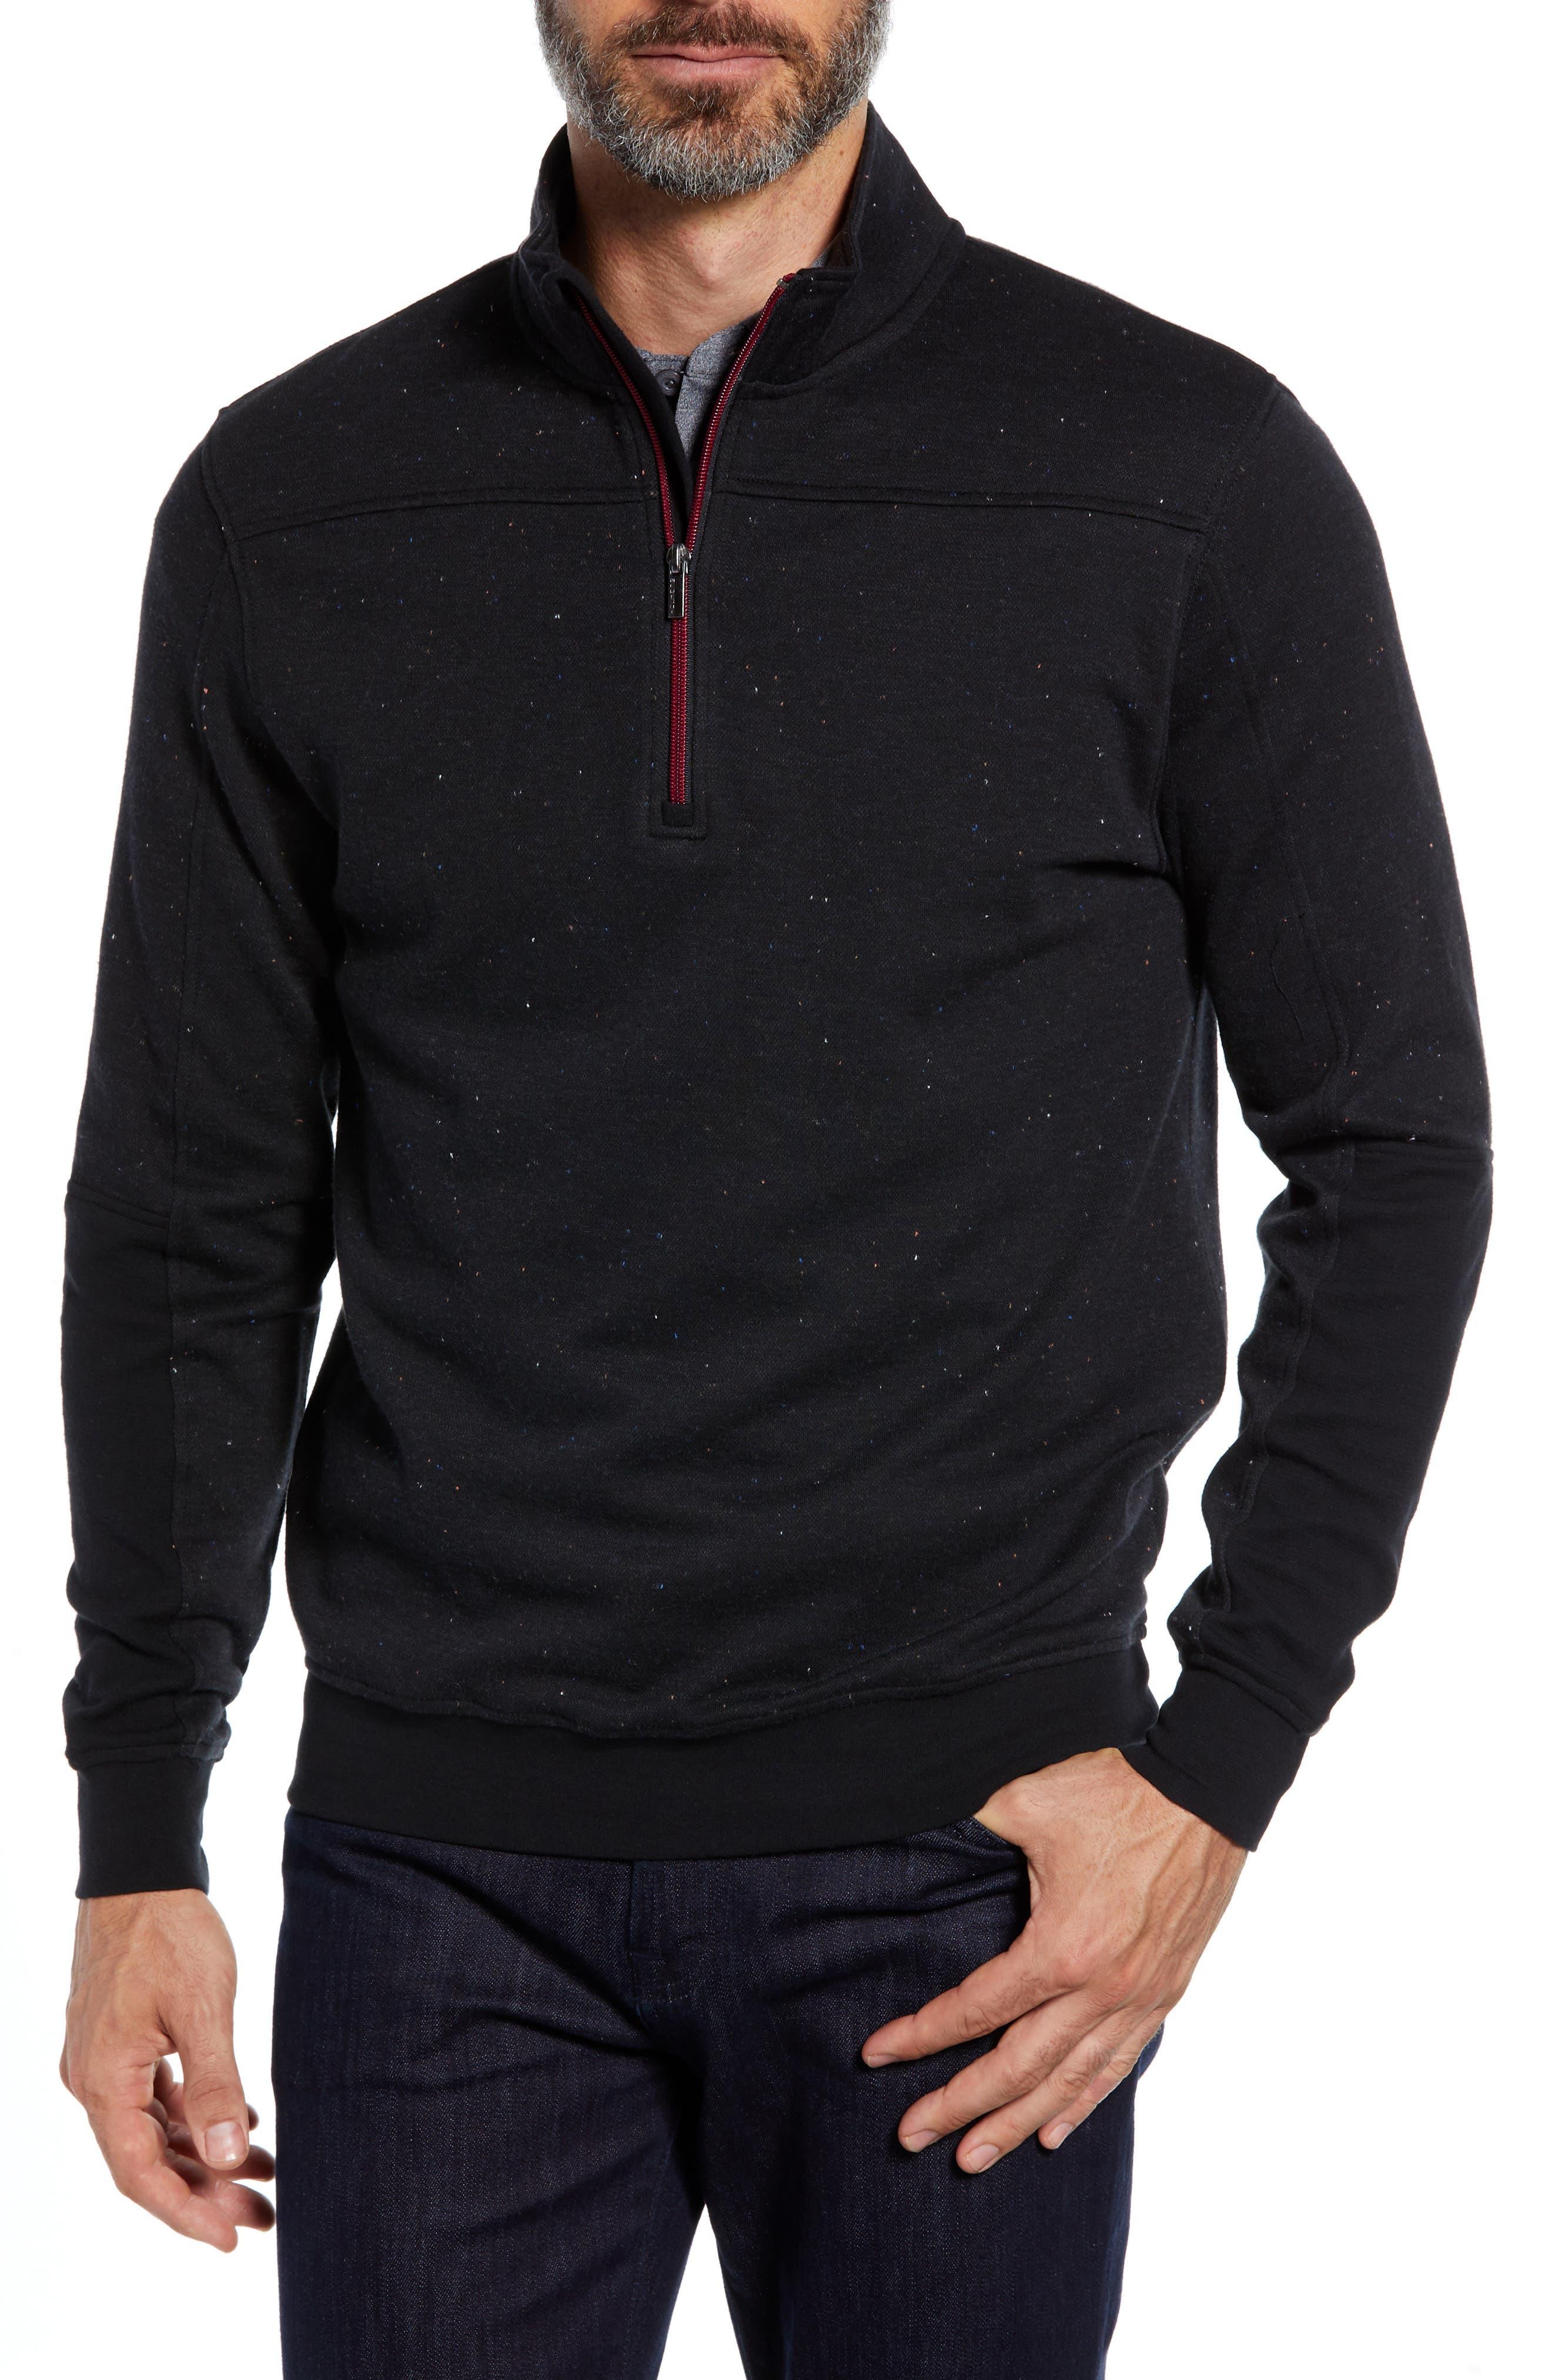 Regular Fit Pullover Sweatshirt,                         Main,                         color, NAVY